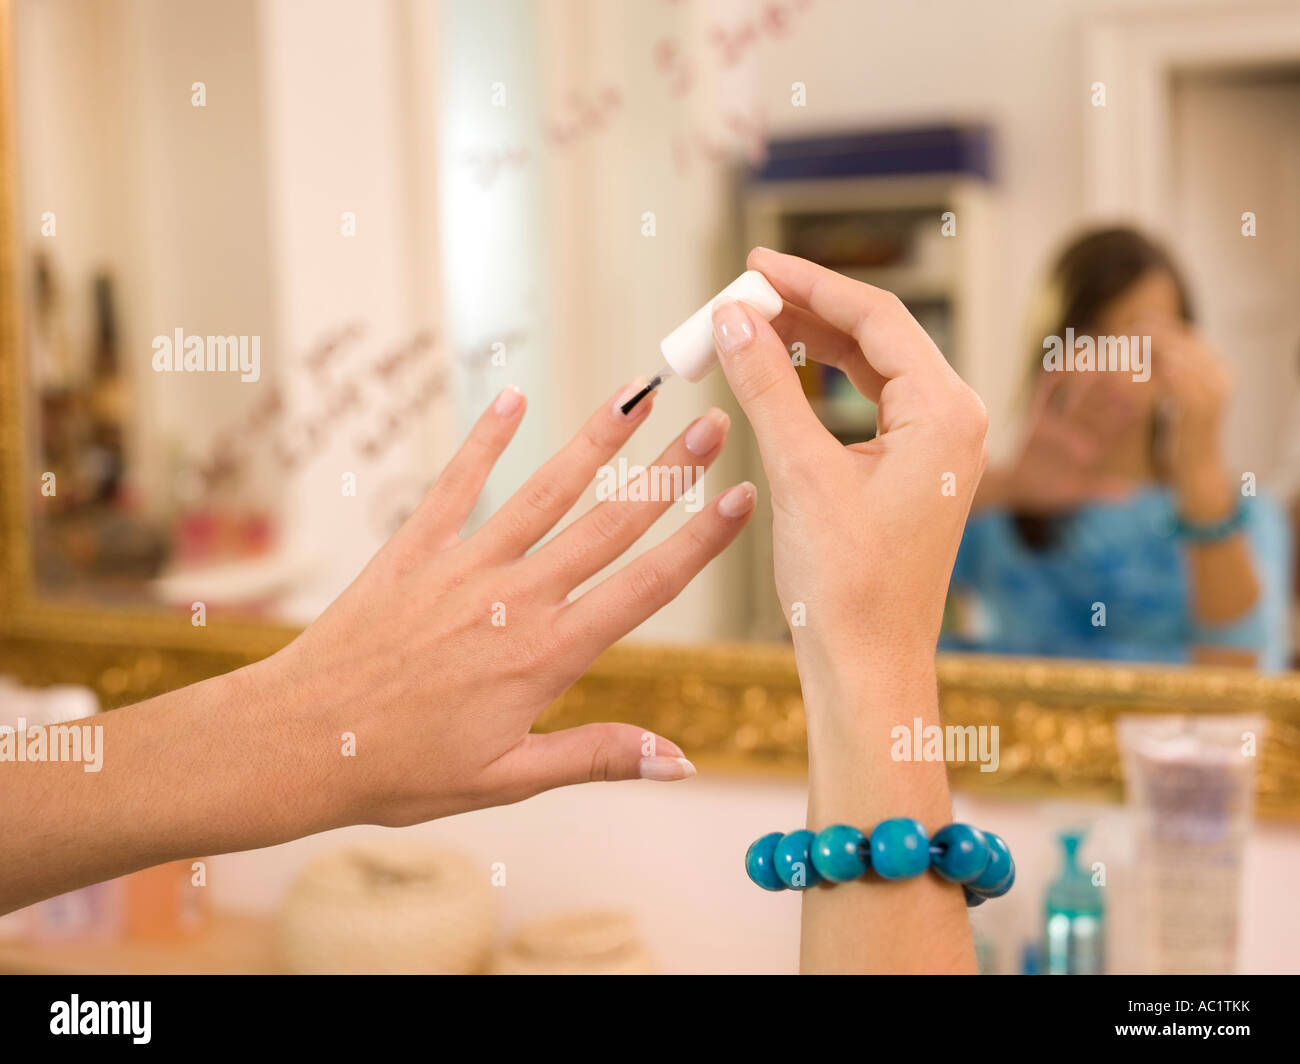 Woman applying nail varnish - Stock Image